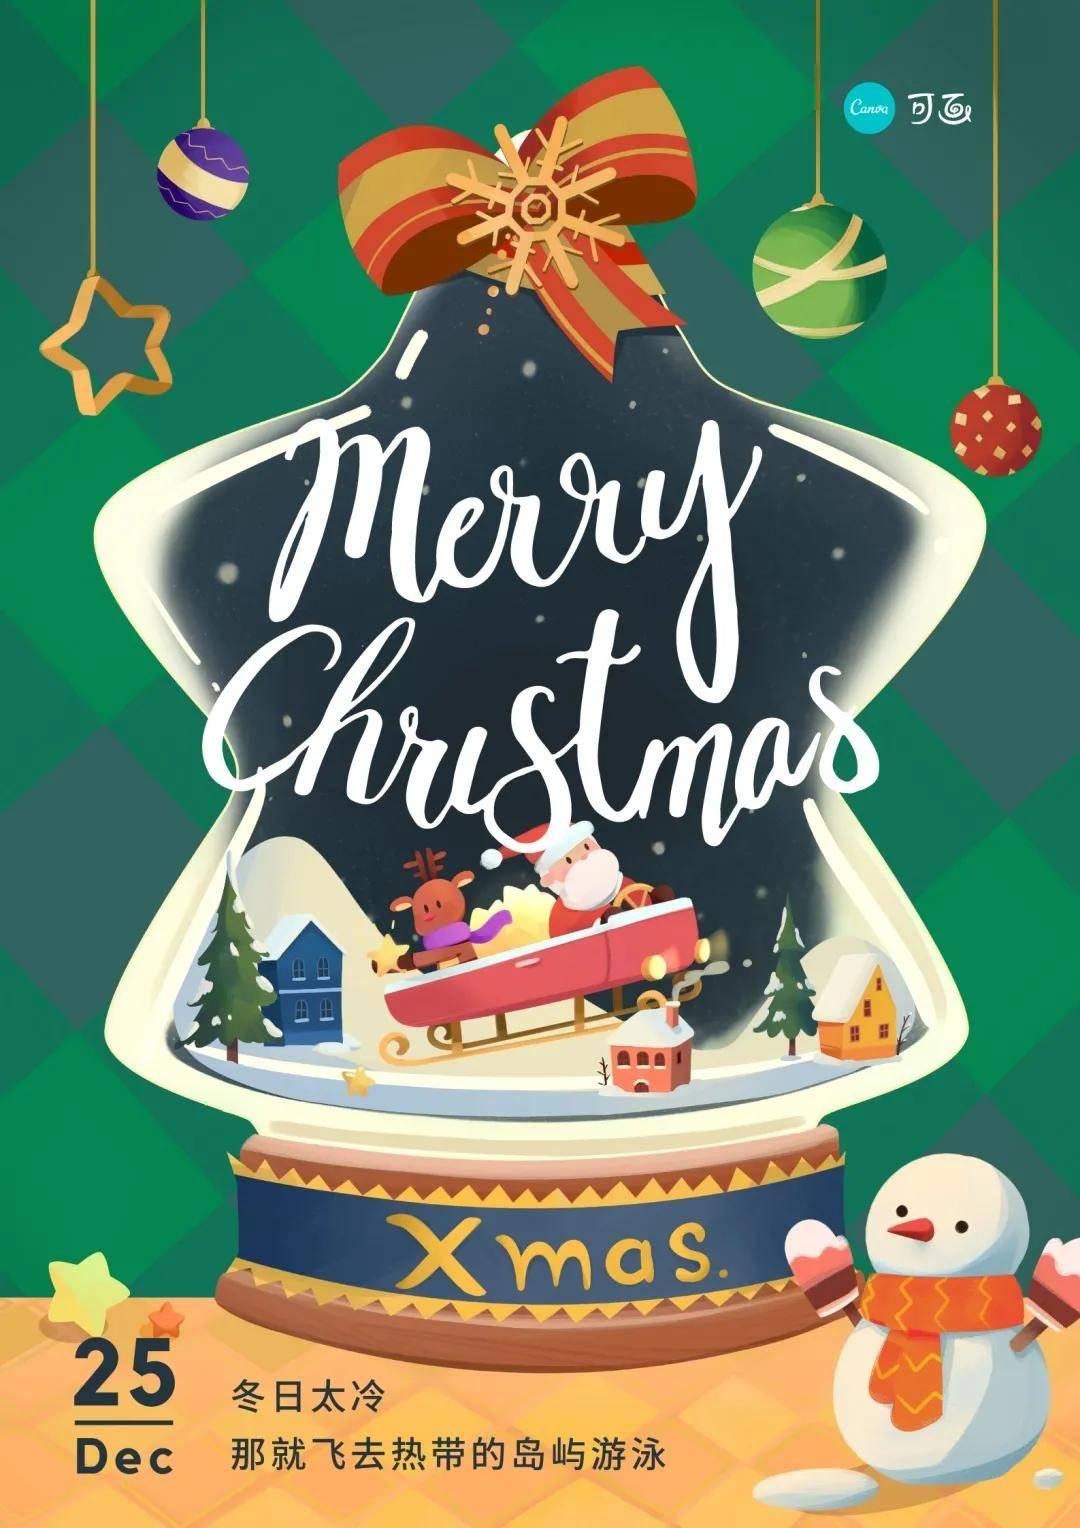 鸟哥笔记,广告文案,Canva可画,圣诞节,节日,广告,品牌,策略,文案,创意,营销